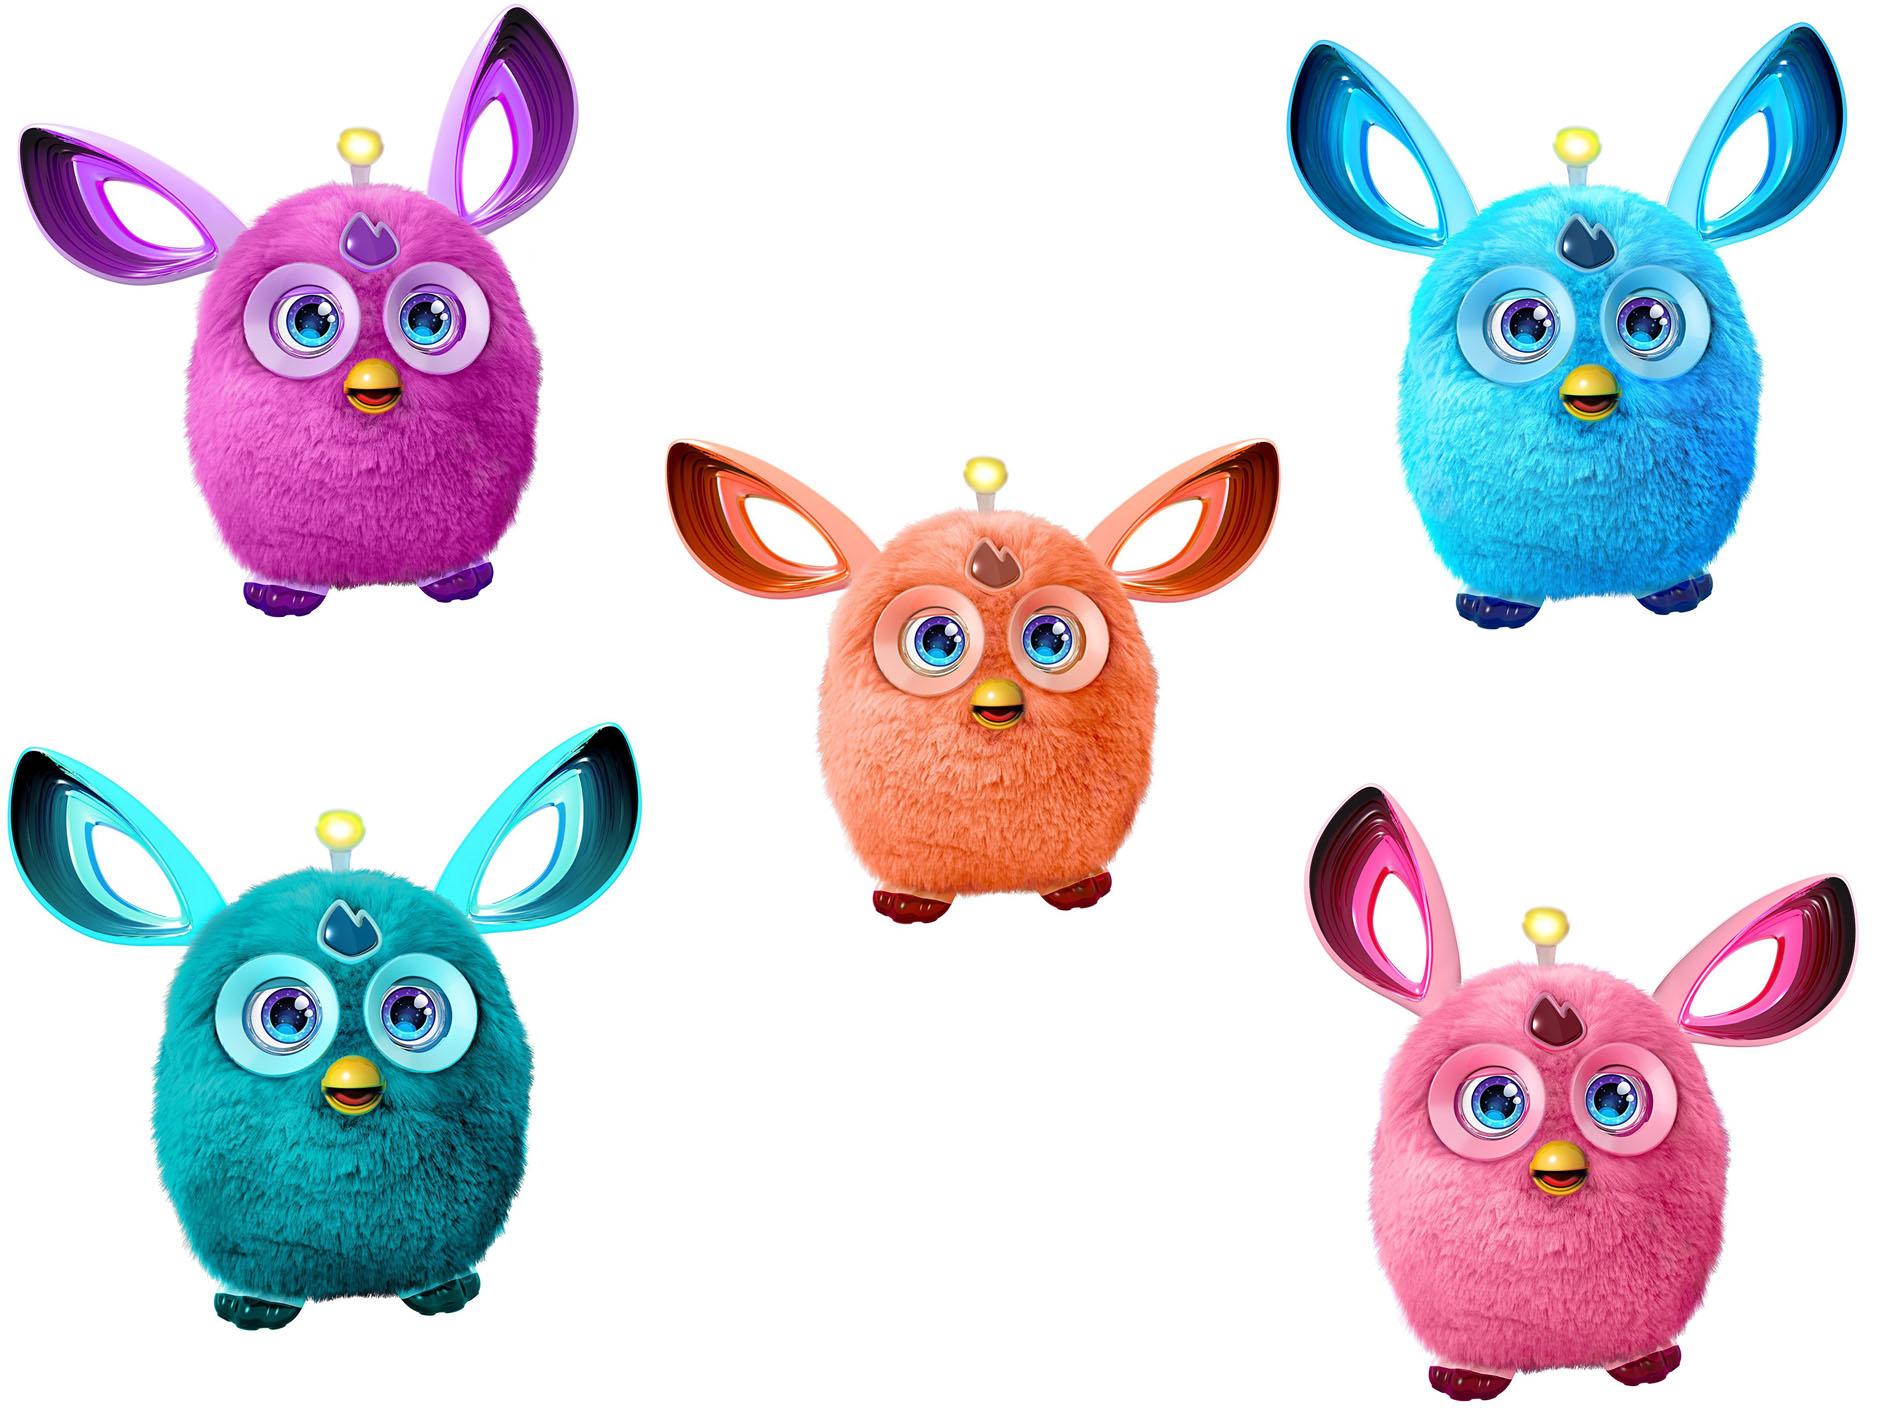 Интерактивная игрушка Ферби Коннект, серия Лед